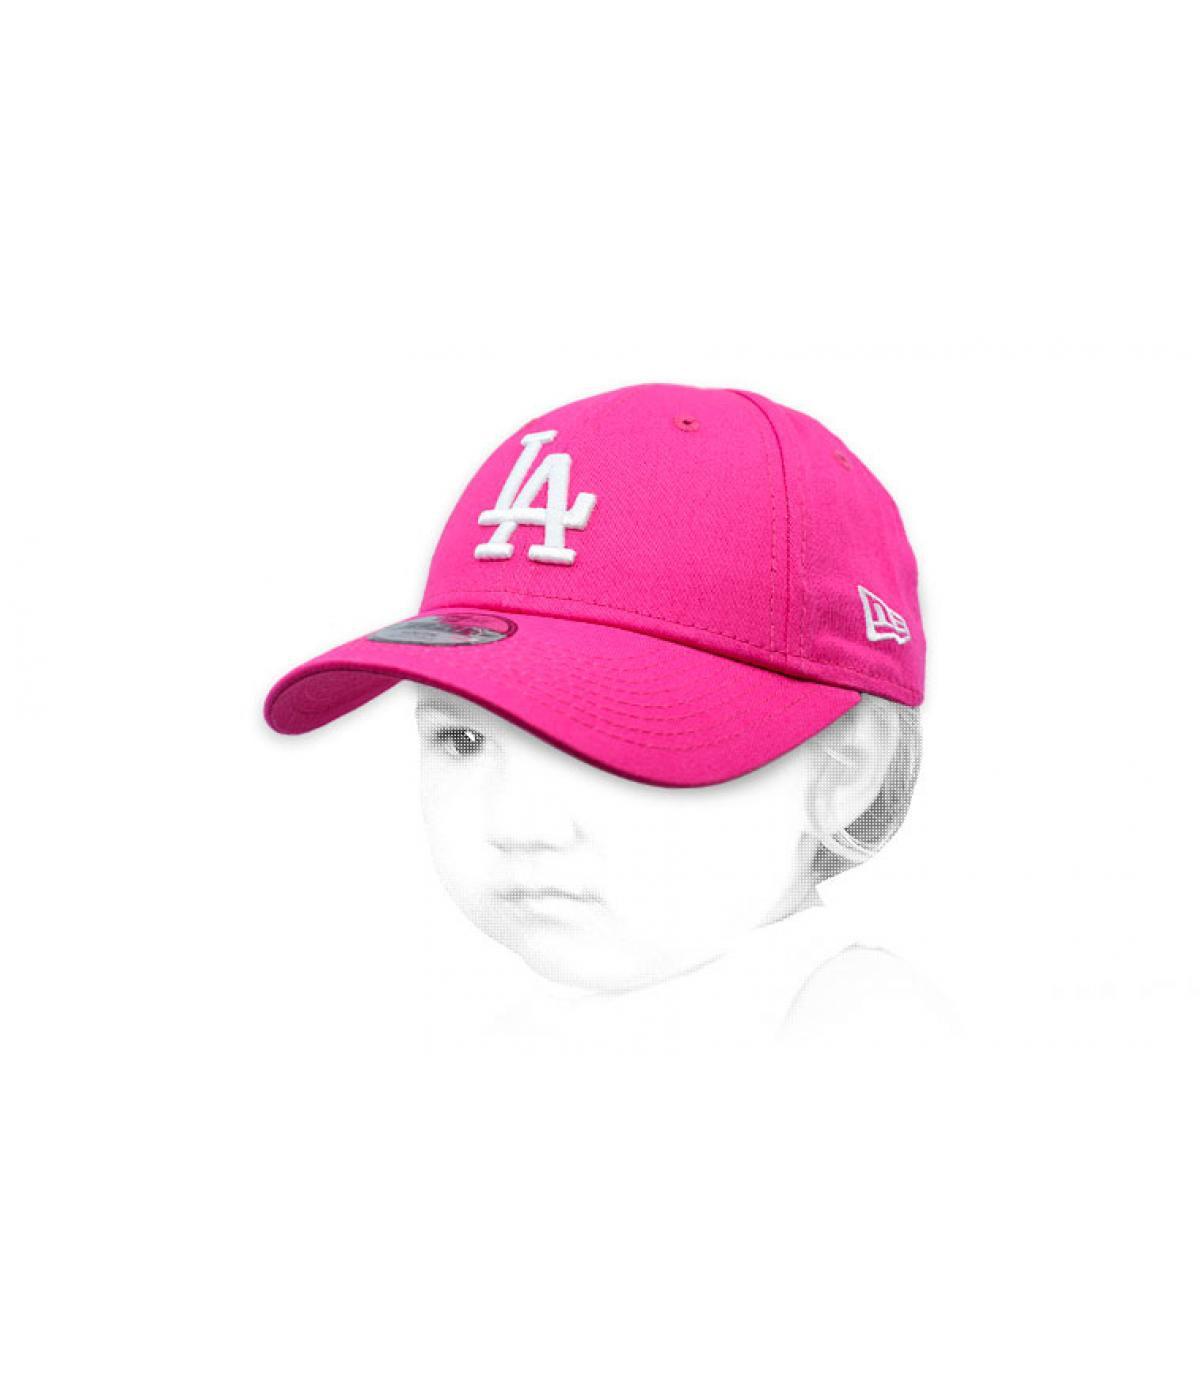 pink baby LA cap